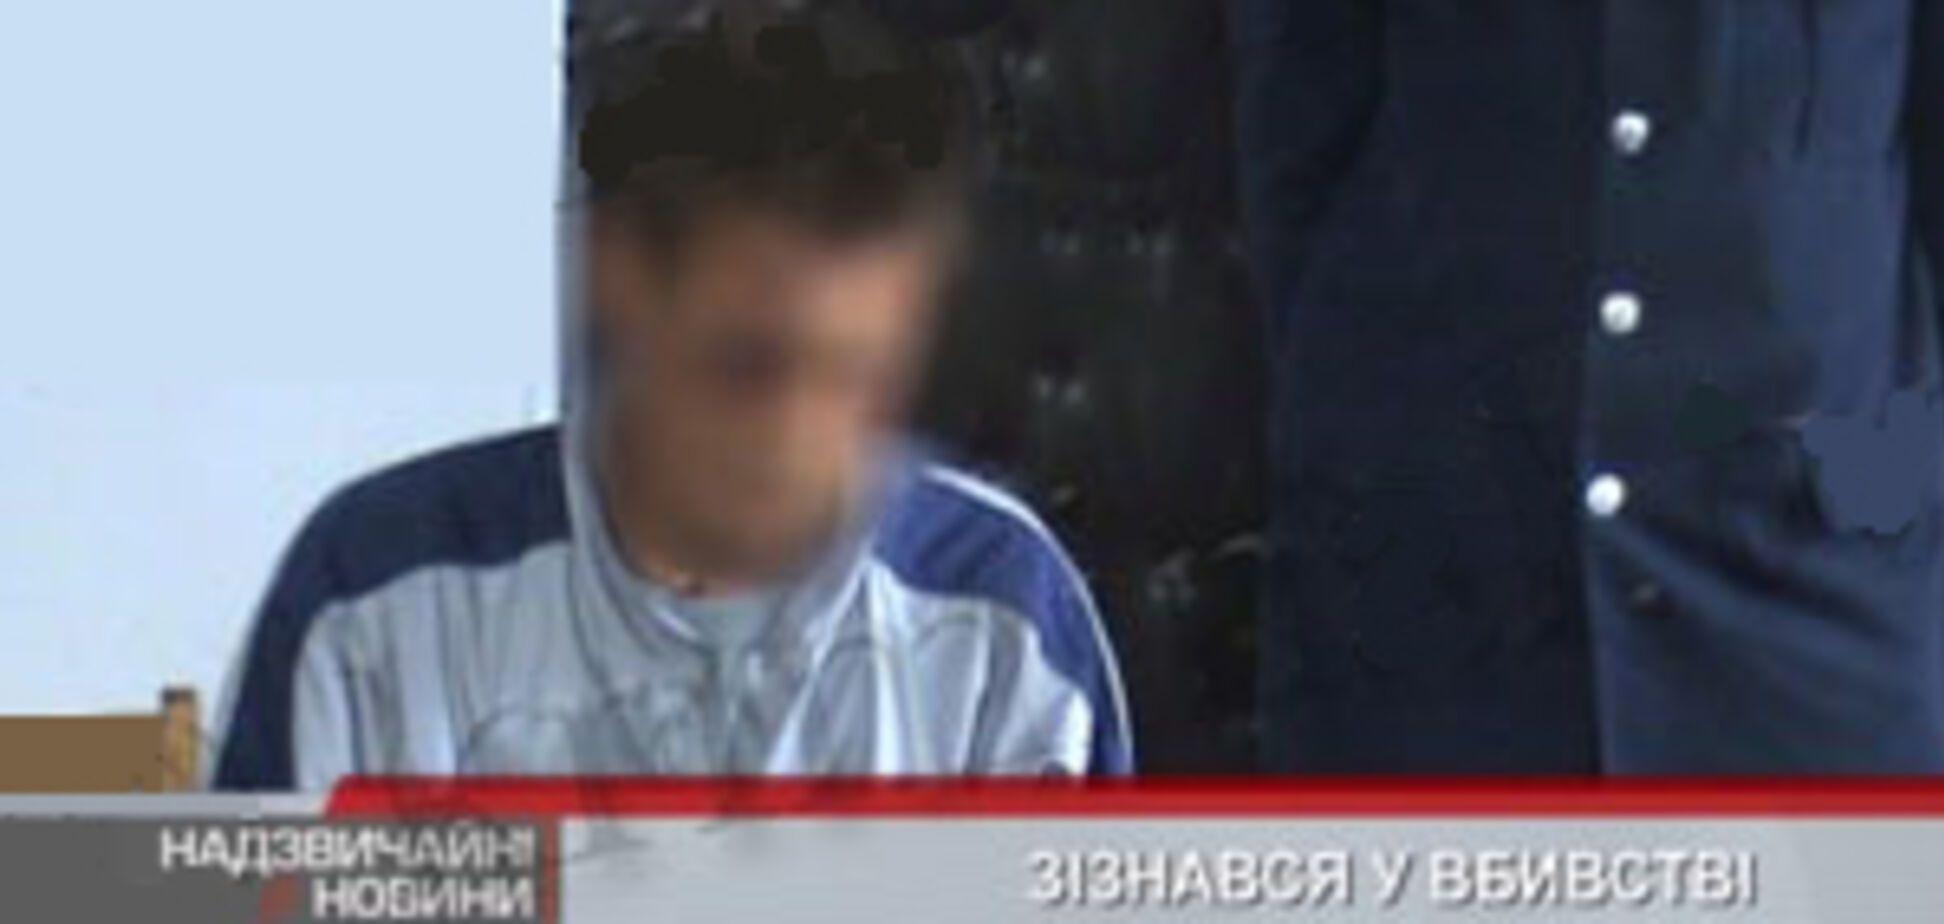 Кримінальник, захищаючи дружину, убив і втопив приятеля